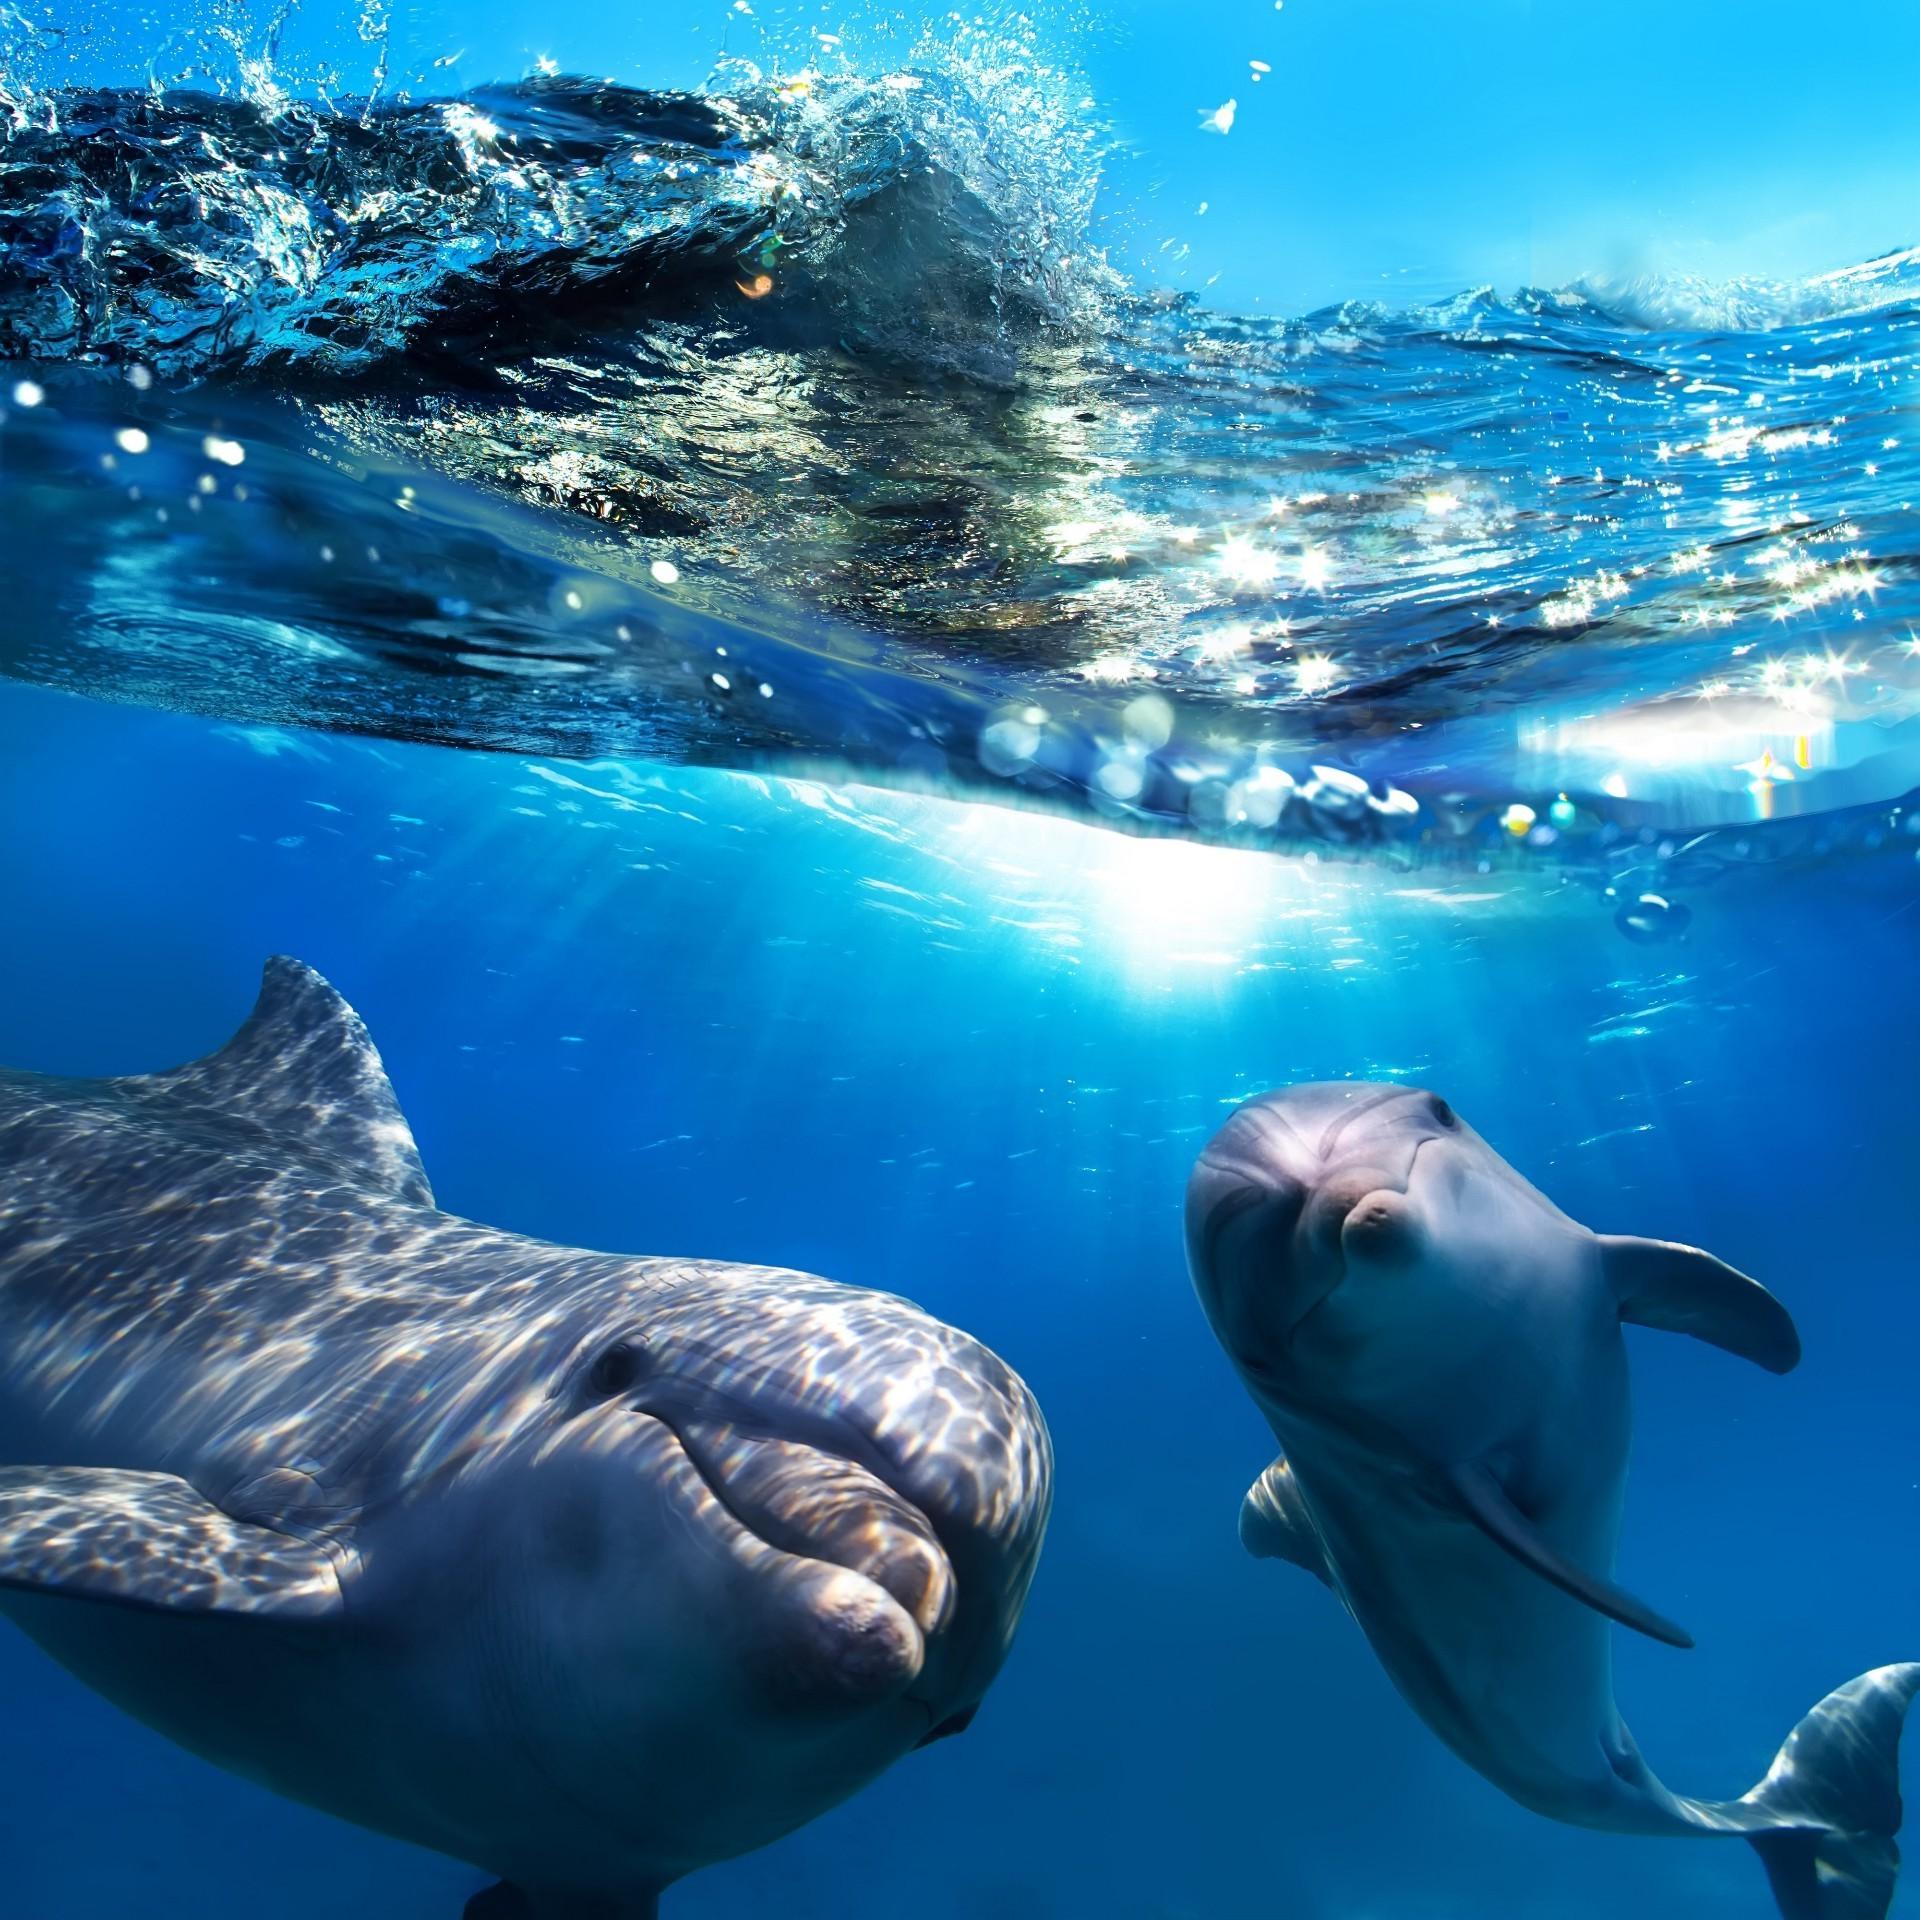 немецкие смотреть все картинки с дельфинами телеканале стб